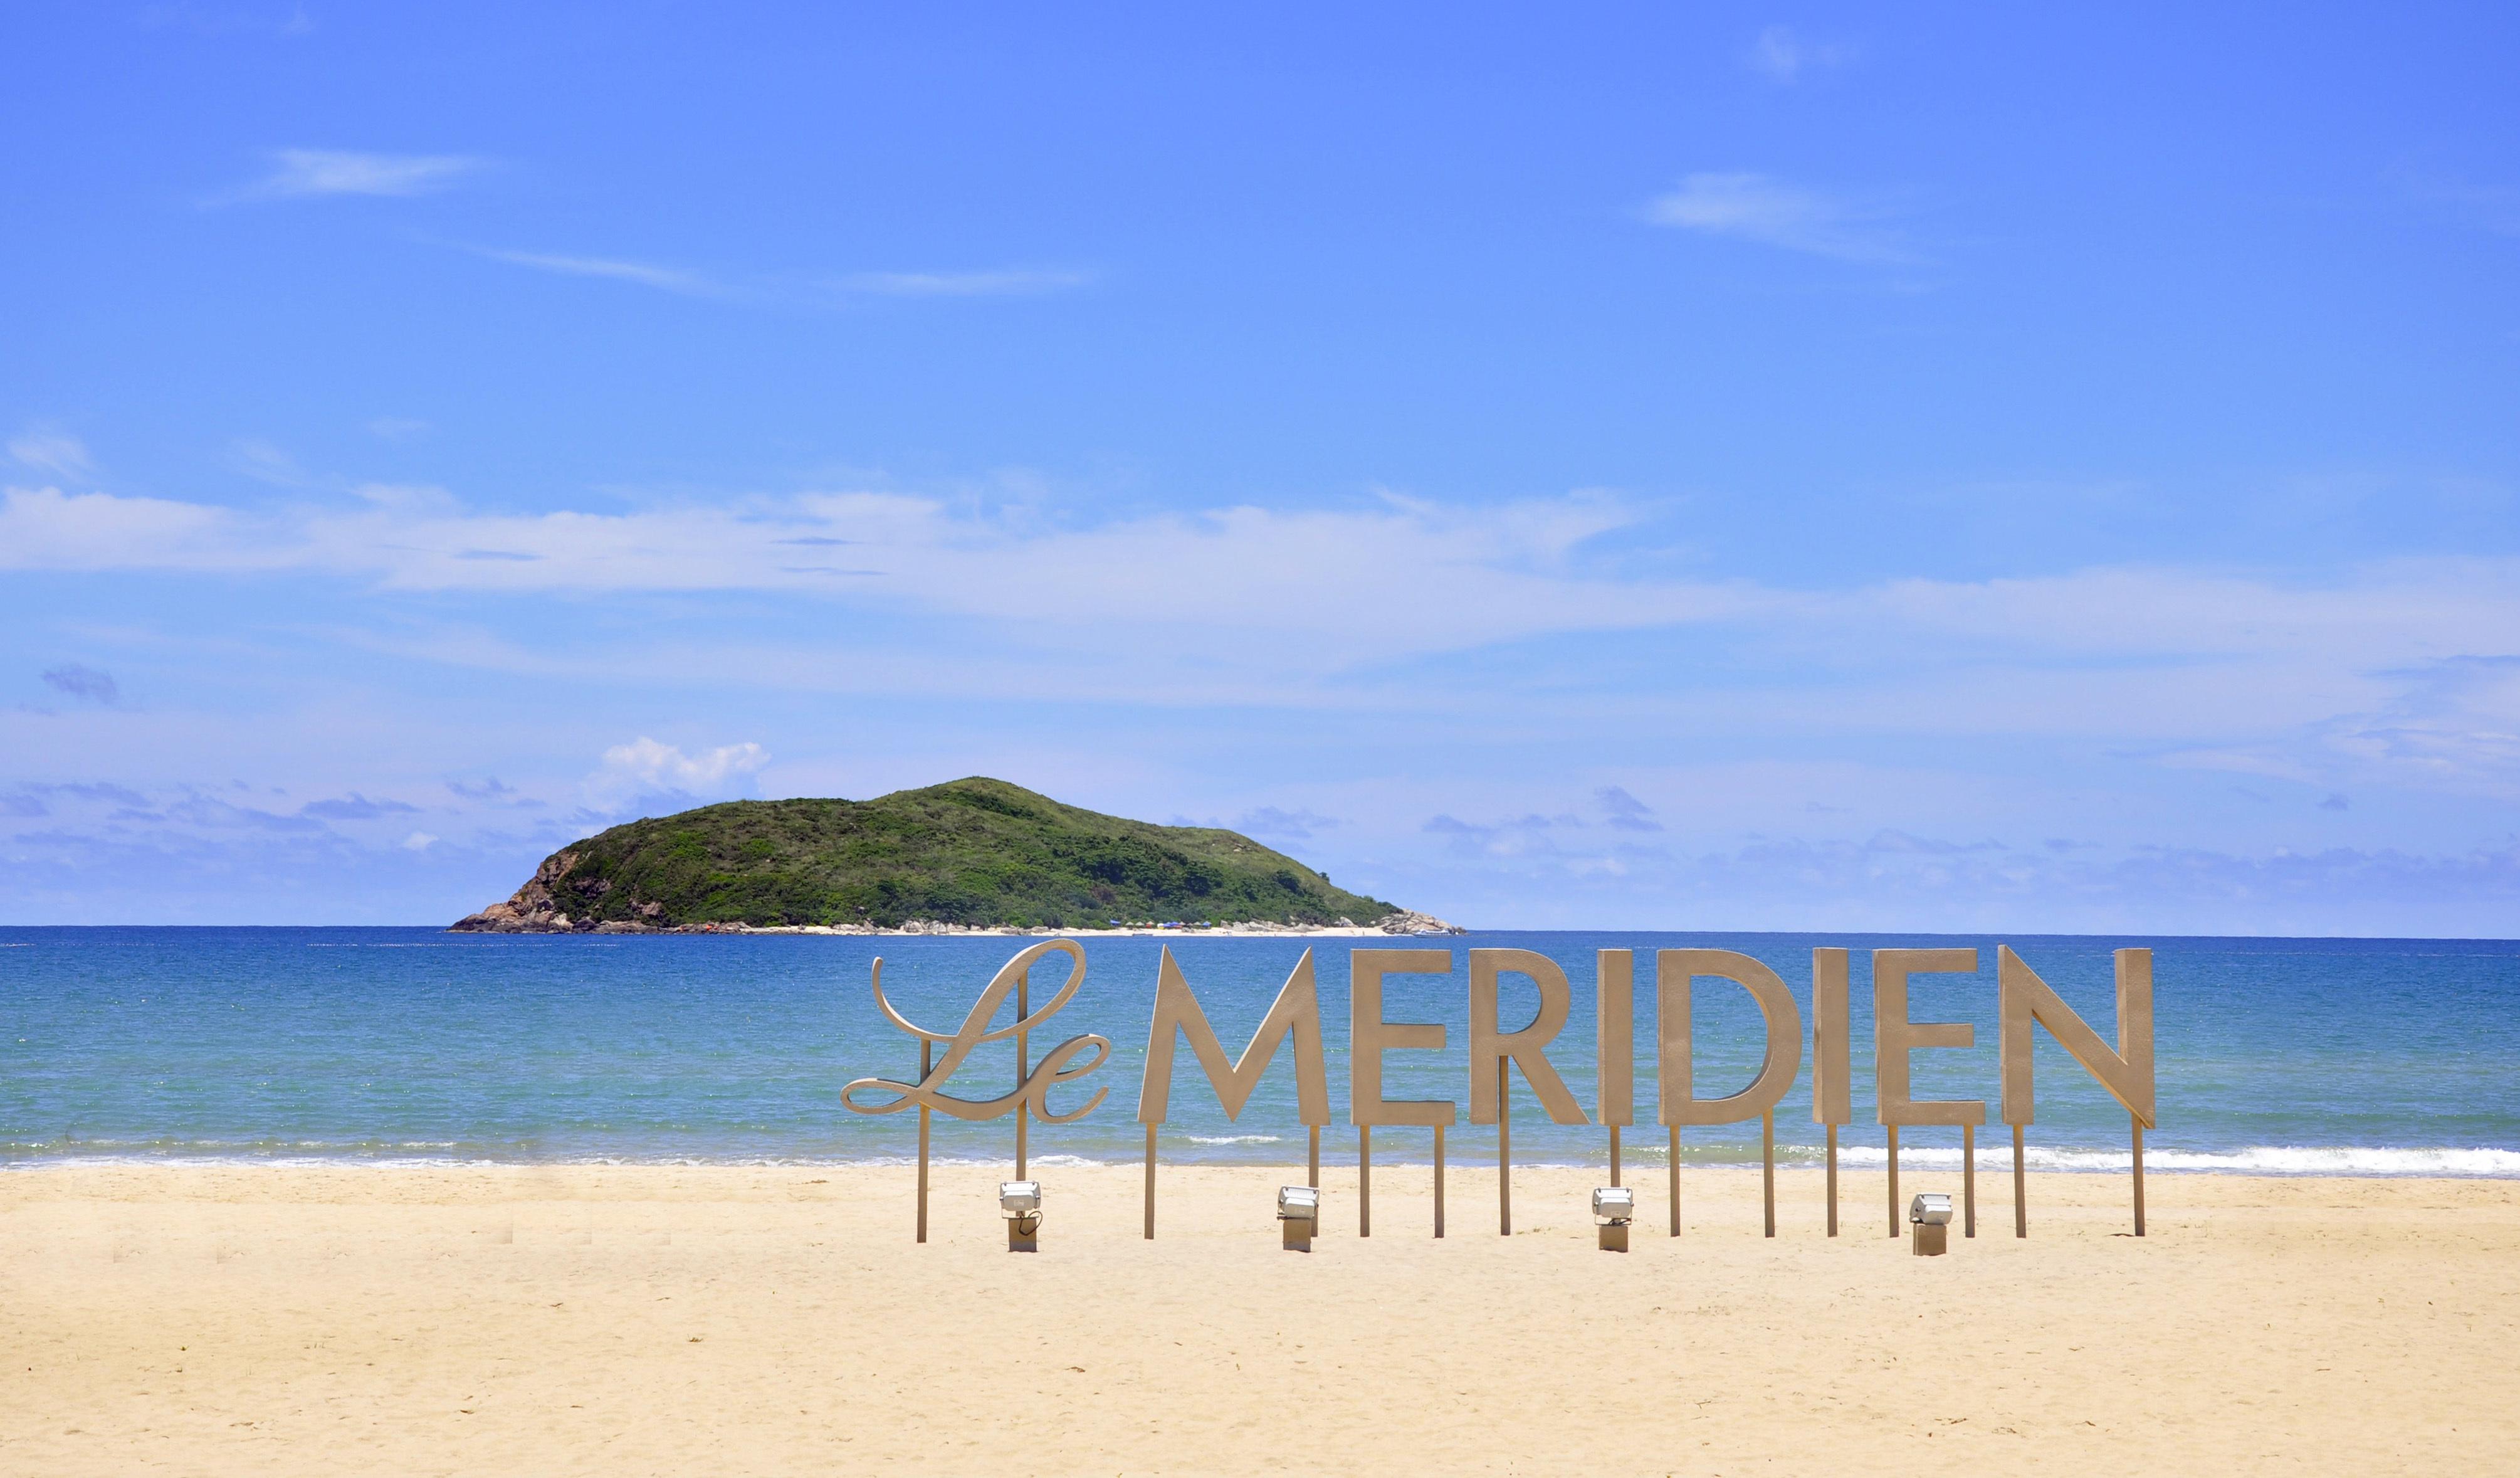 _三亚海滩石 壁纸